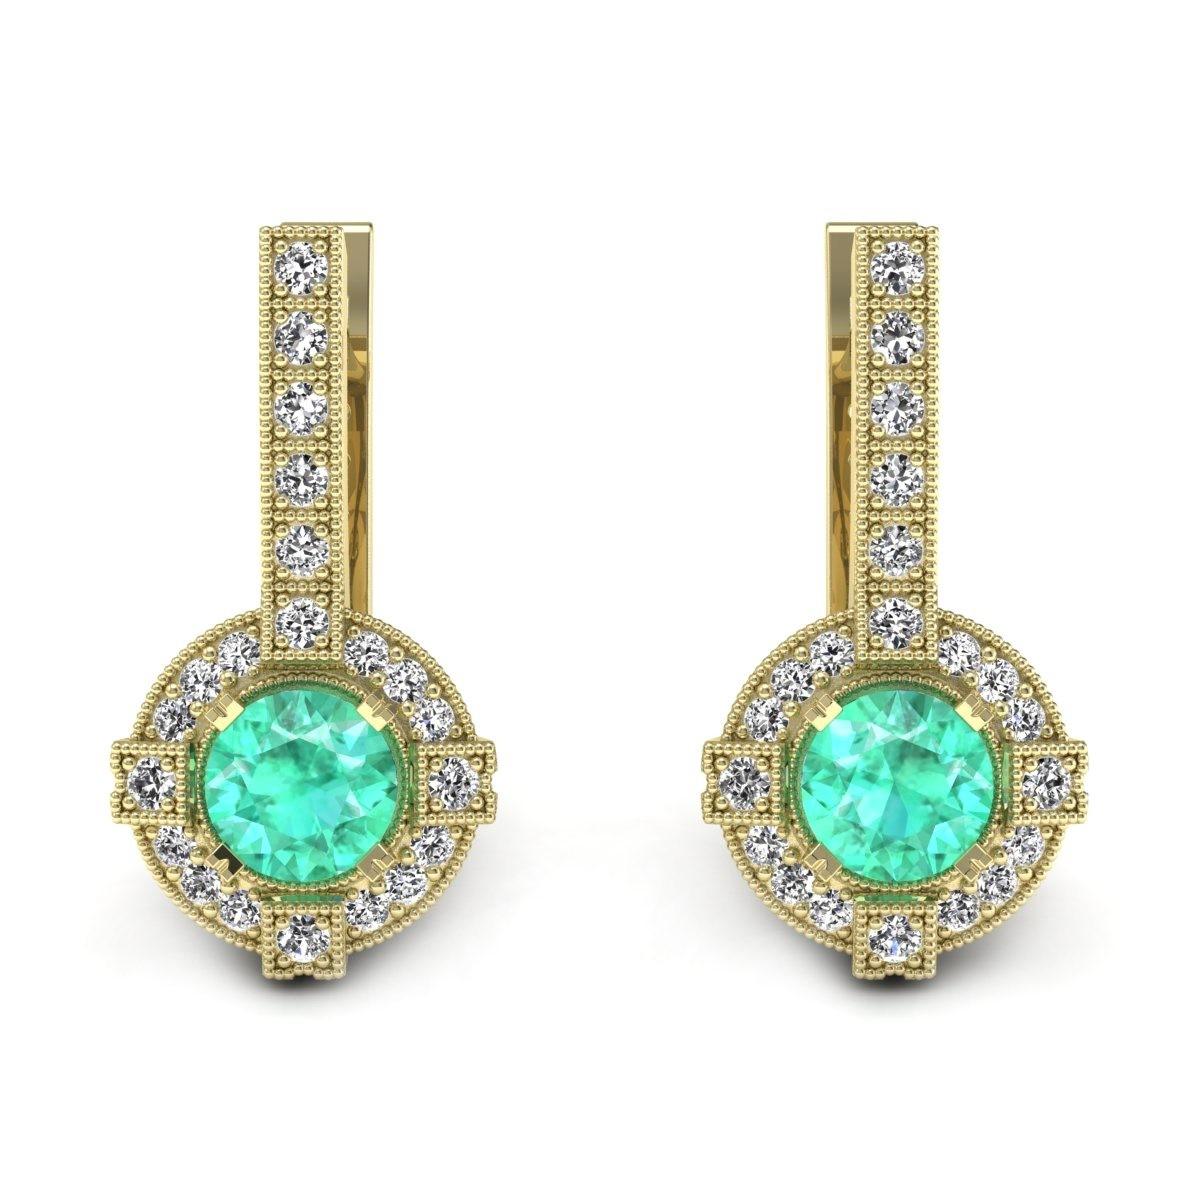 Audrey - Złote kolczyki ze szmaragdami i diamentami